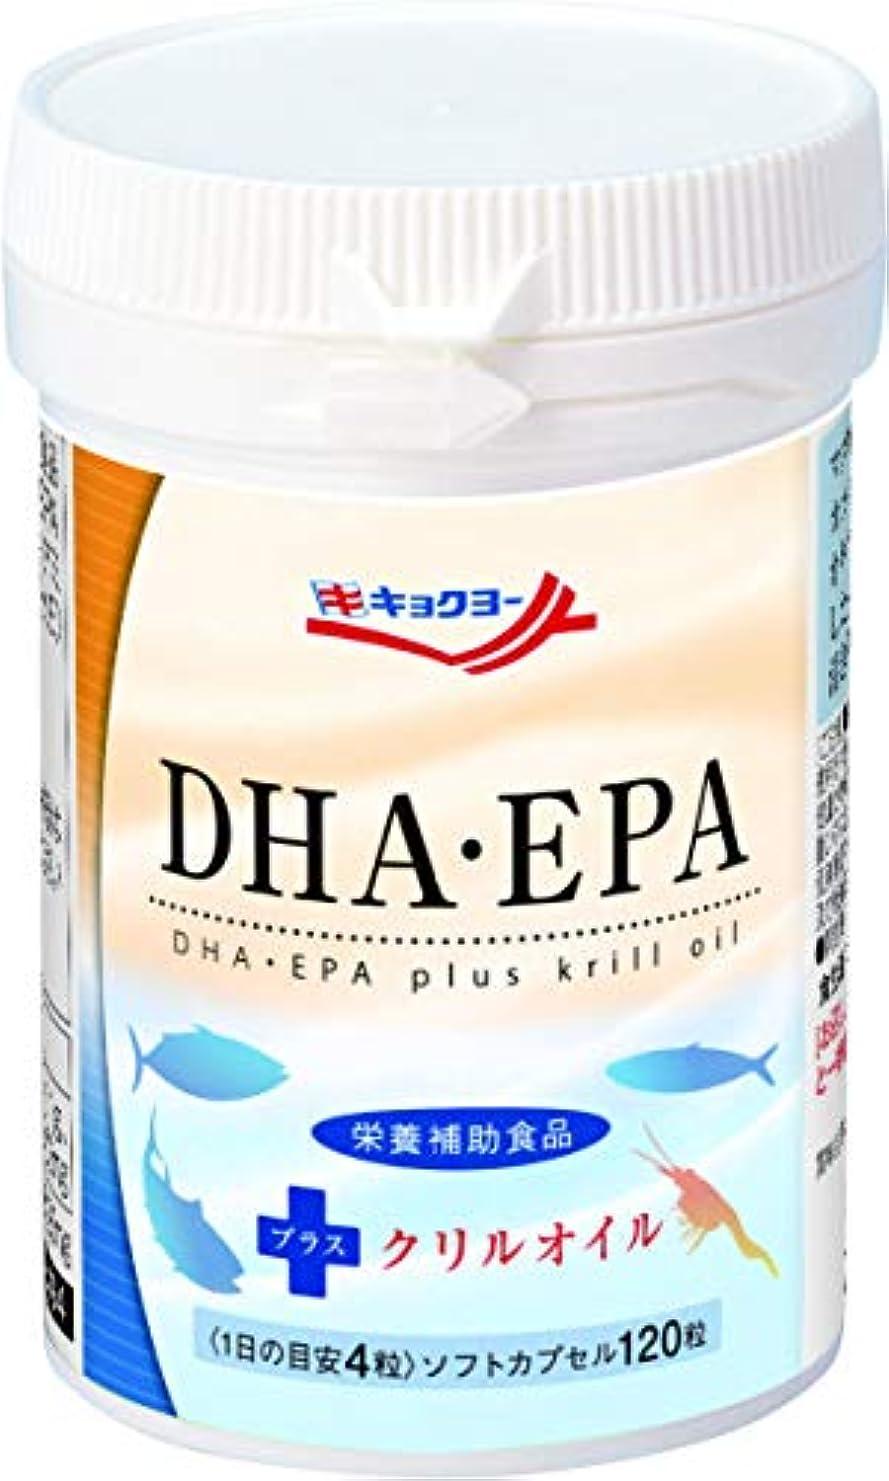 危険を冒しますシルエット類推DHA?EPA プラス クリルオイル